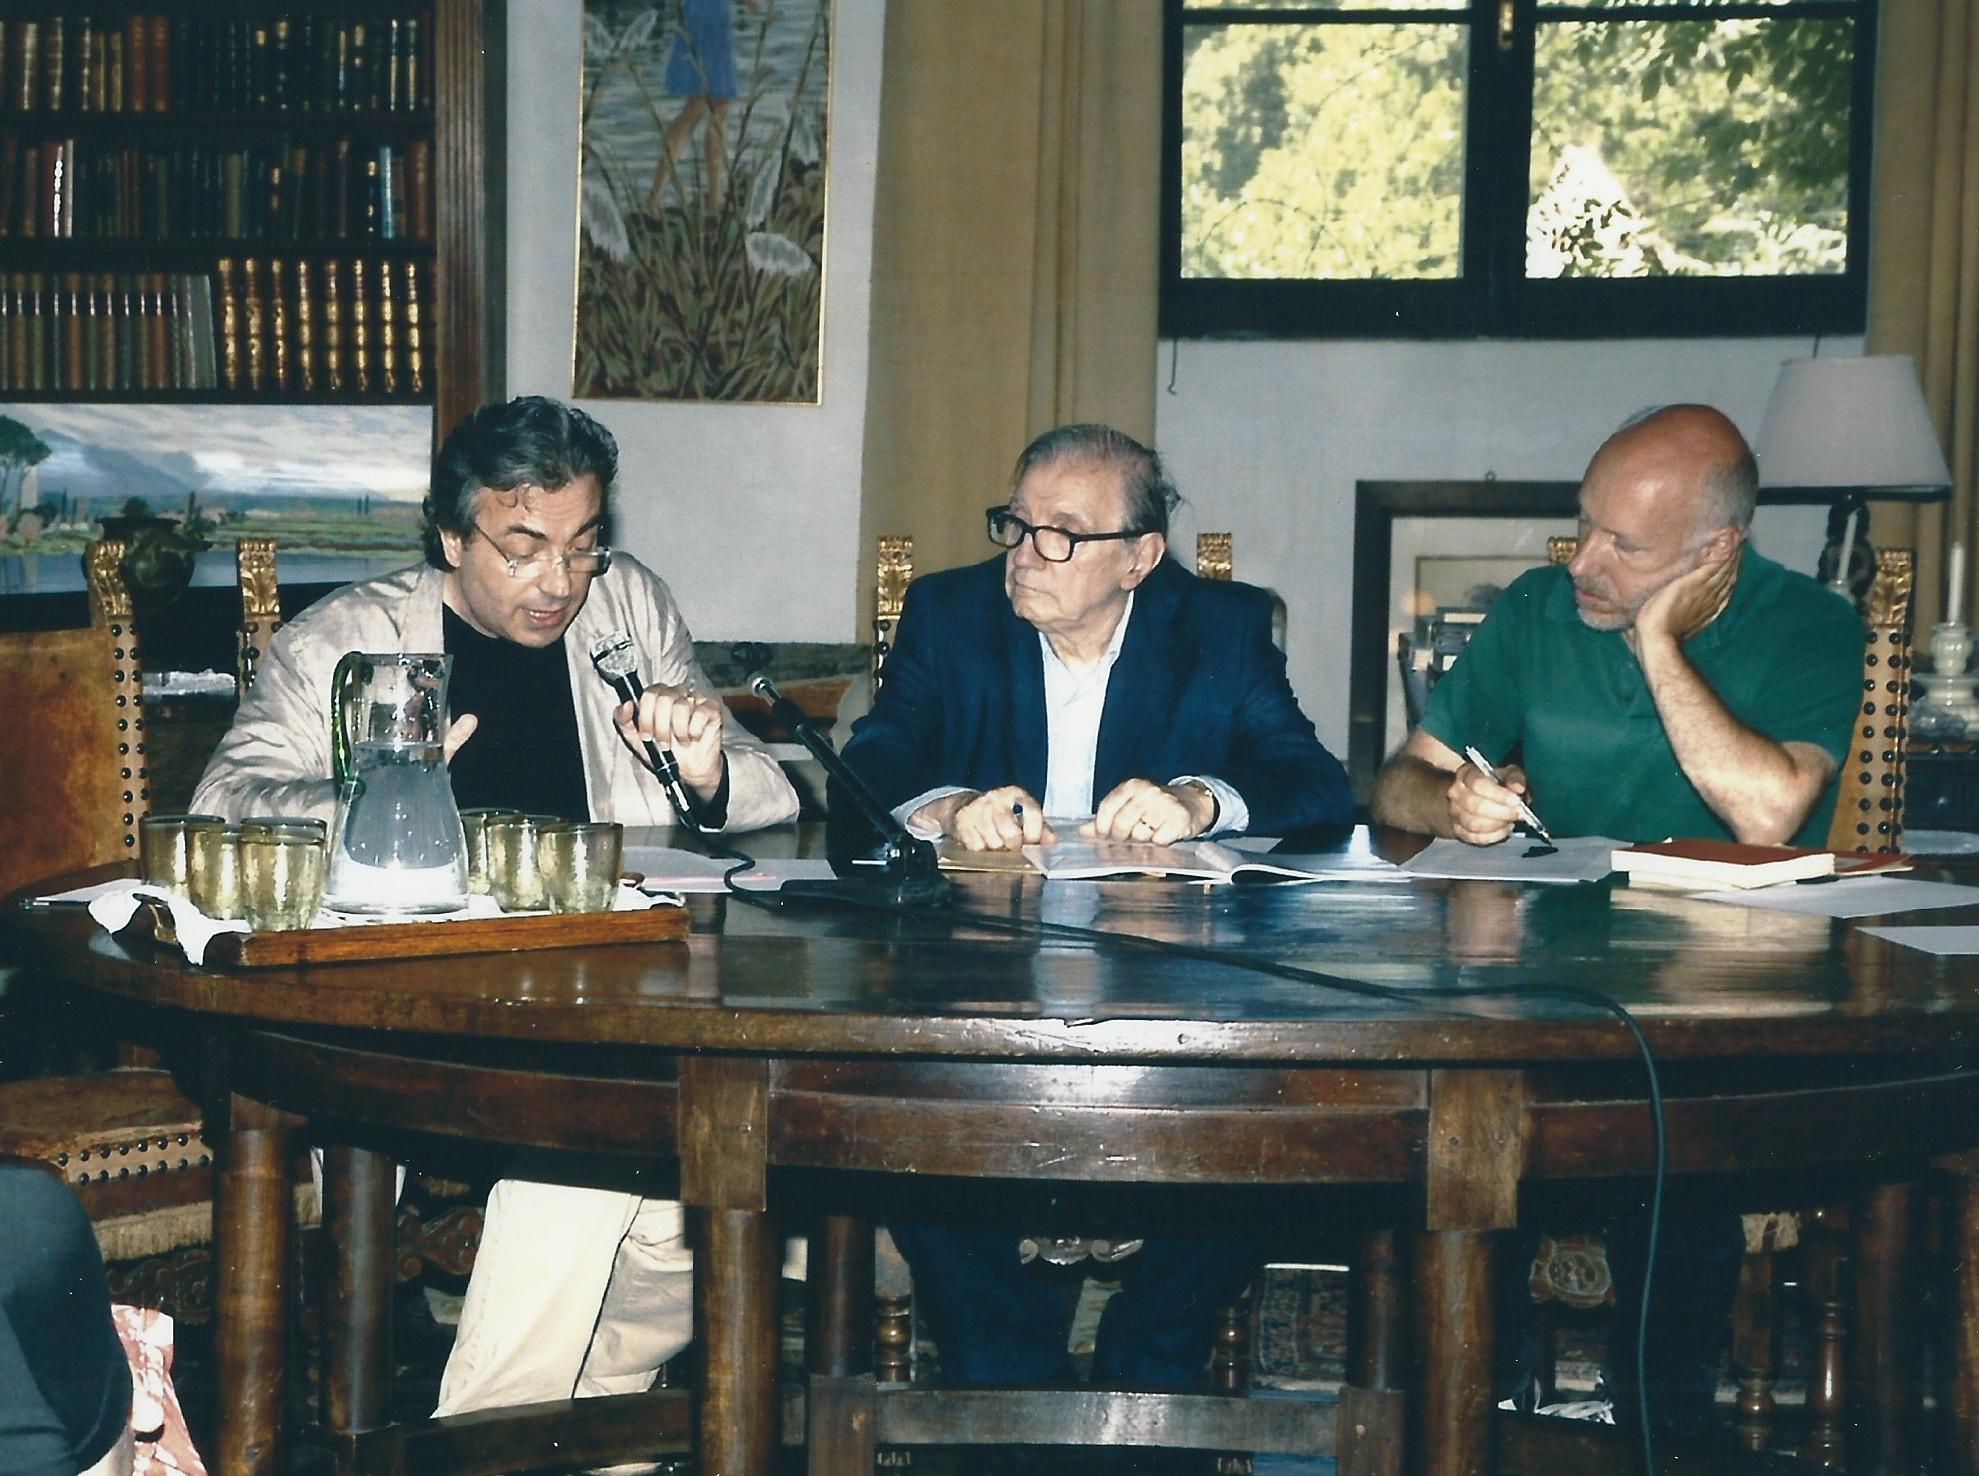 MARIO MESSINIS, ALBERTO CAPRIOLI AND STEFANO CATUCCI. SERMONETA, GIARDINI DI NINFA, JUNE 2007